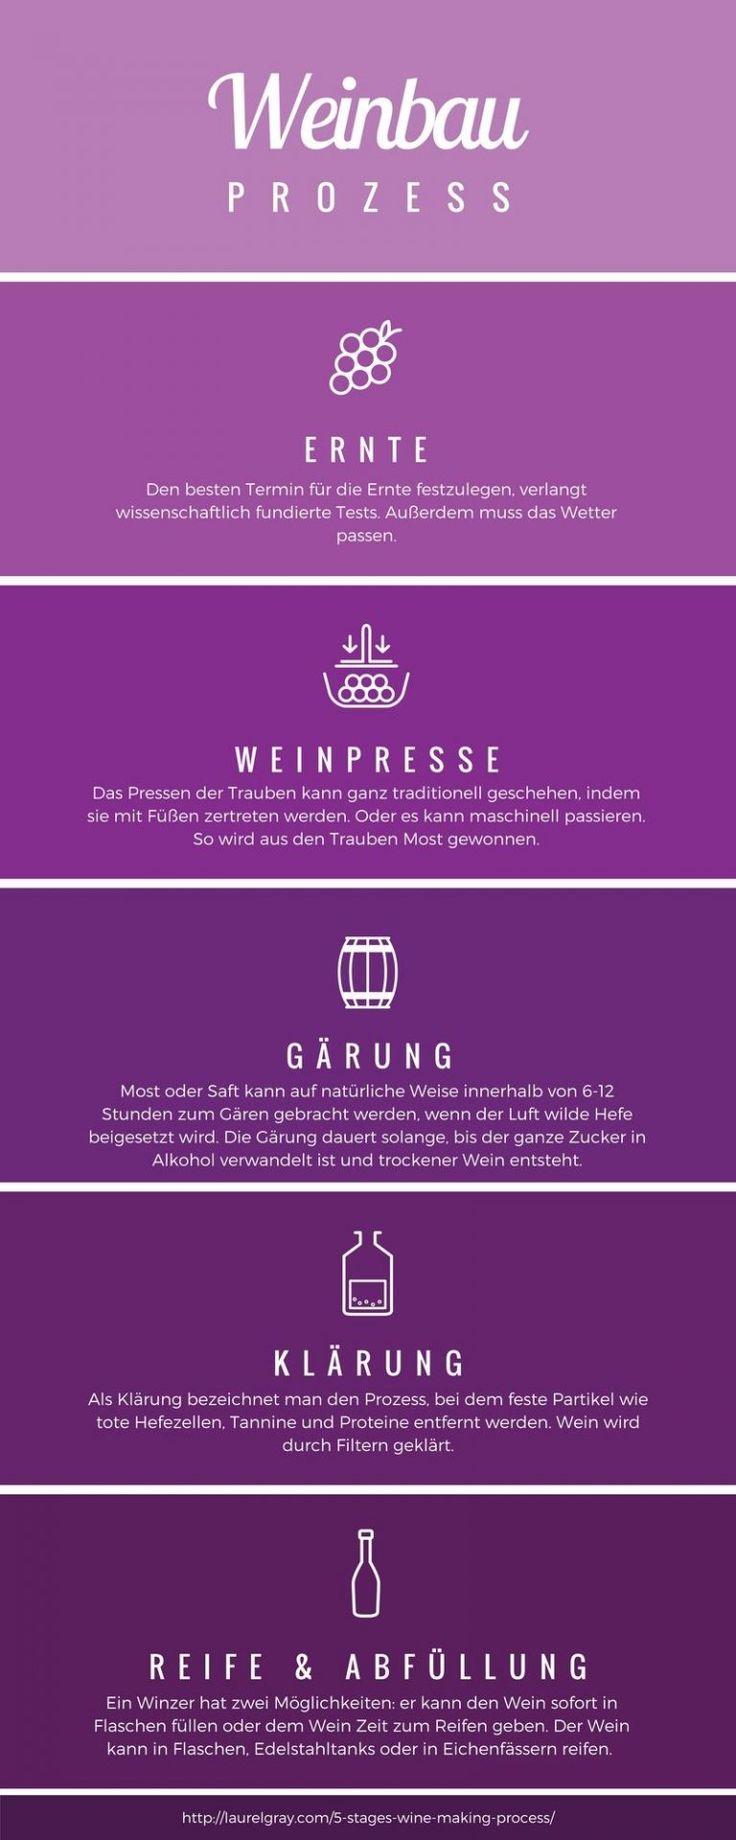 Weinbau Prozess für Slowenische Weine  #malvasier #wein #vipava #slowenien #weinbau #weinregion